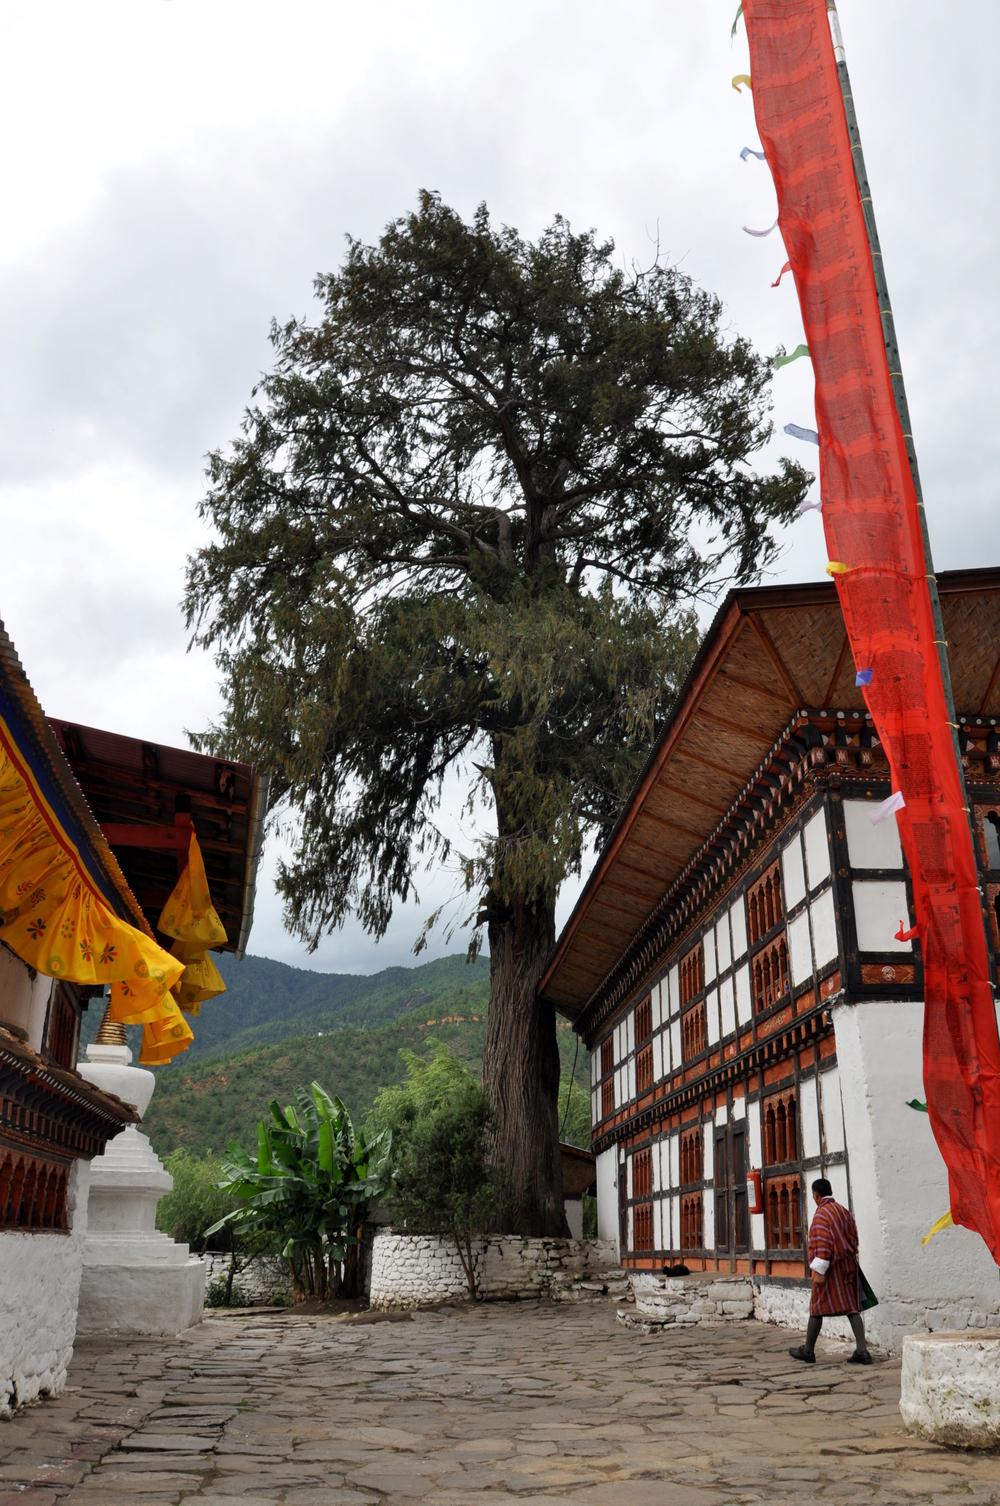 Kyichu Lhakhang, Paro